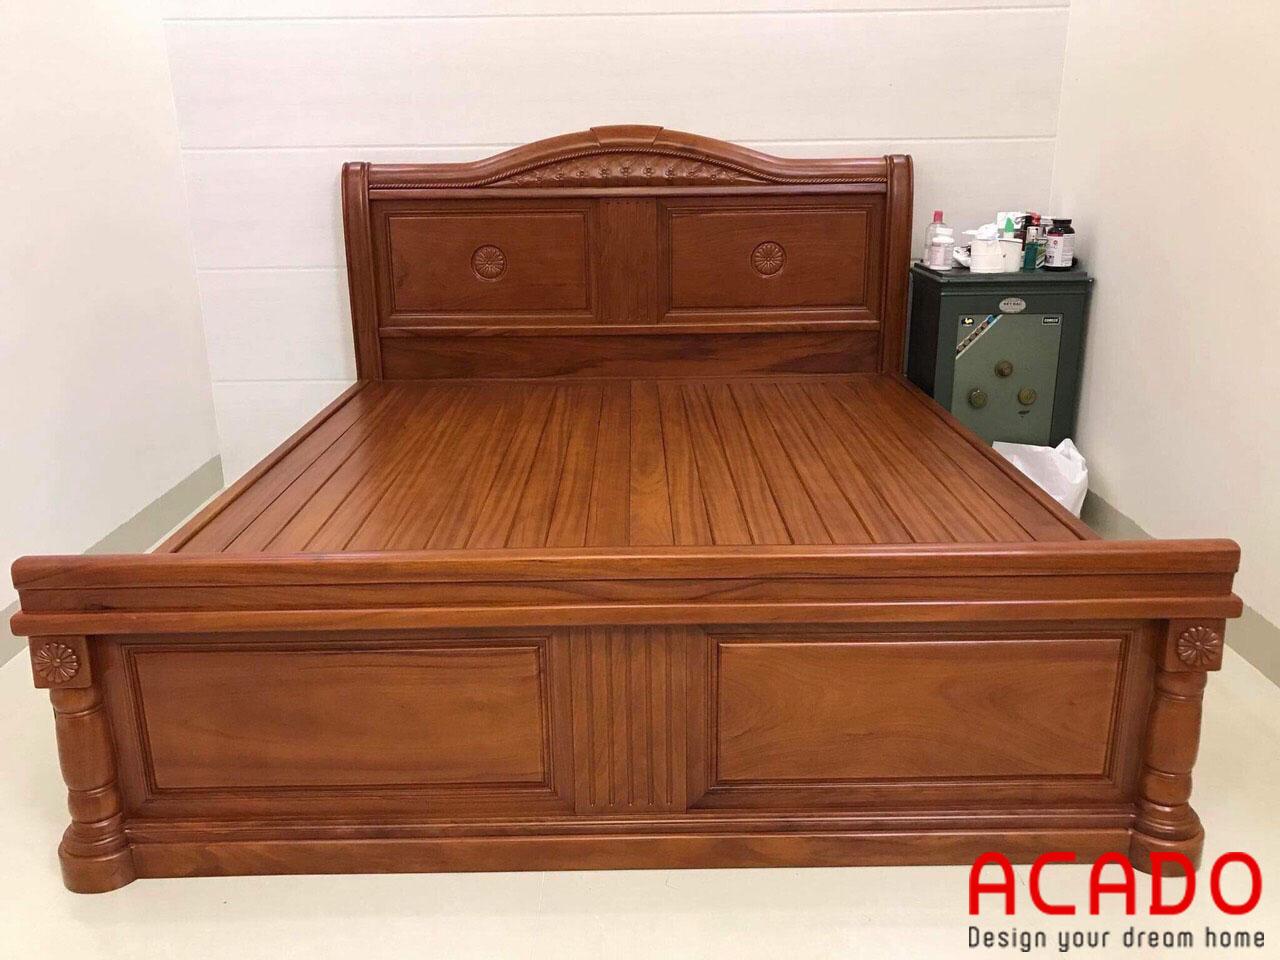 Giường ngủ được làm từ gỗ gõ đỏ - nội thất Aacdo